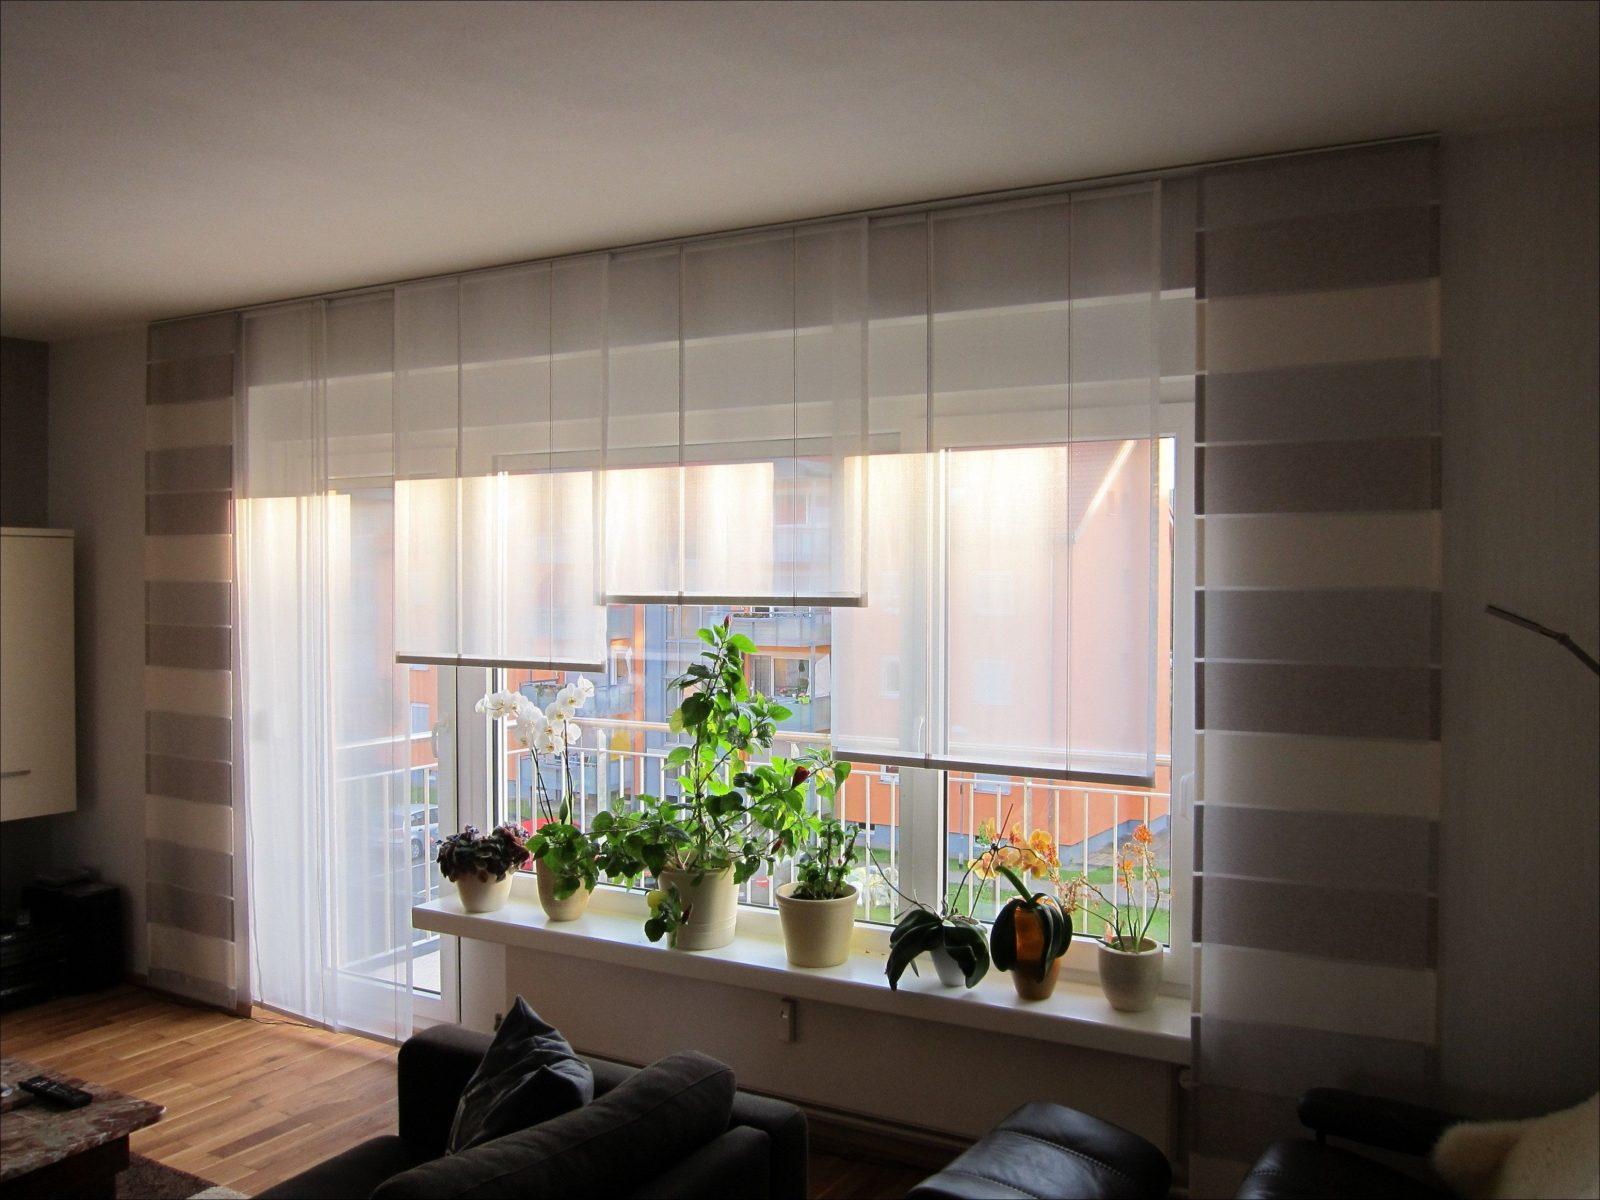 Schön Gardinen Für Wohnzimmerfenster Mit Balkontür Ideen von Gardinen Für Wohnzimmerfenster Mit Balkontür Bild